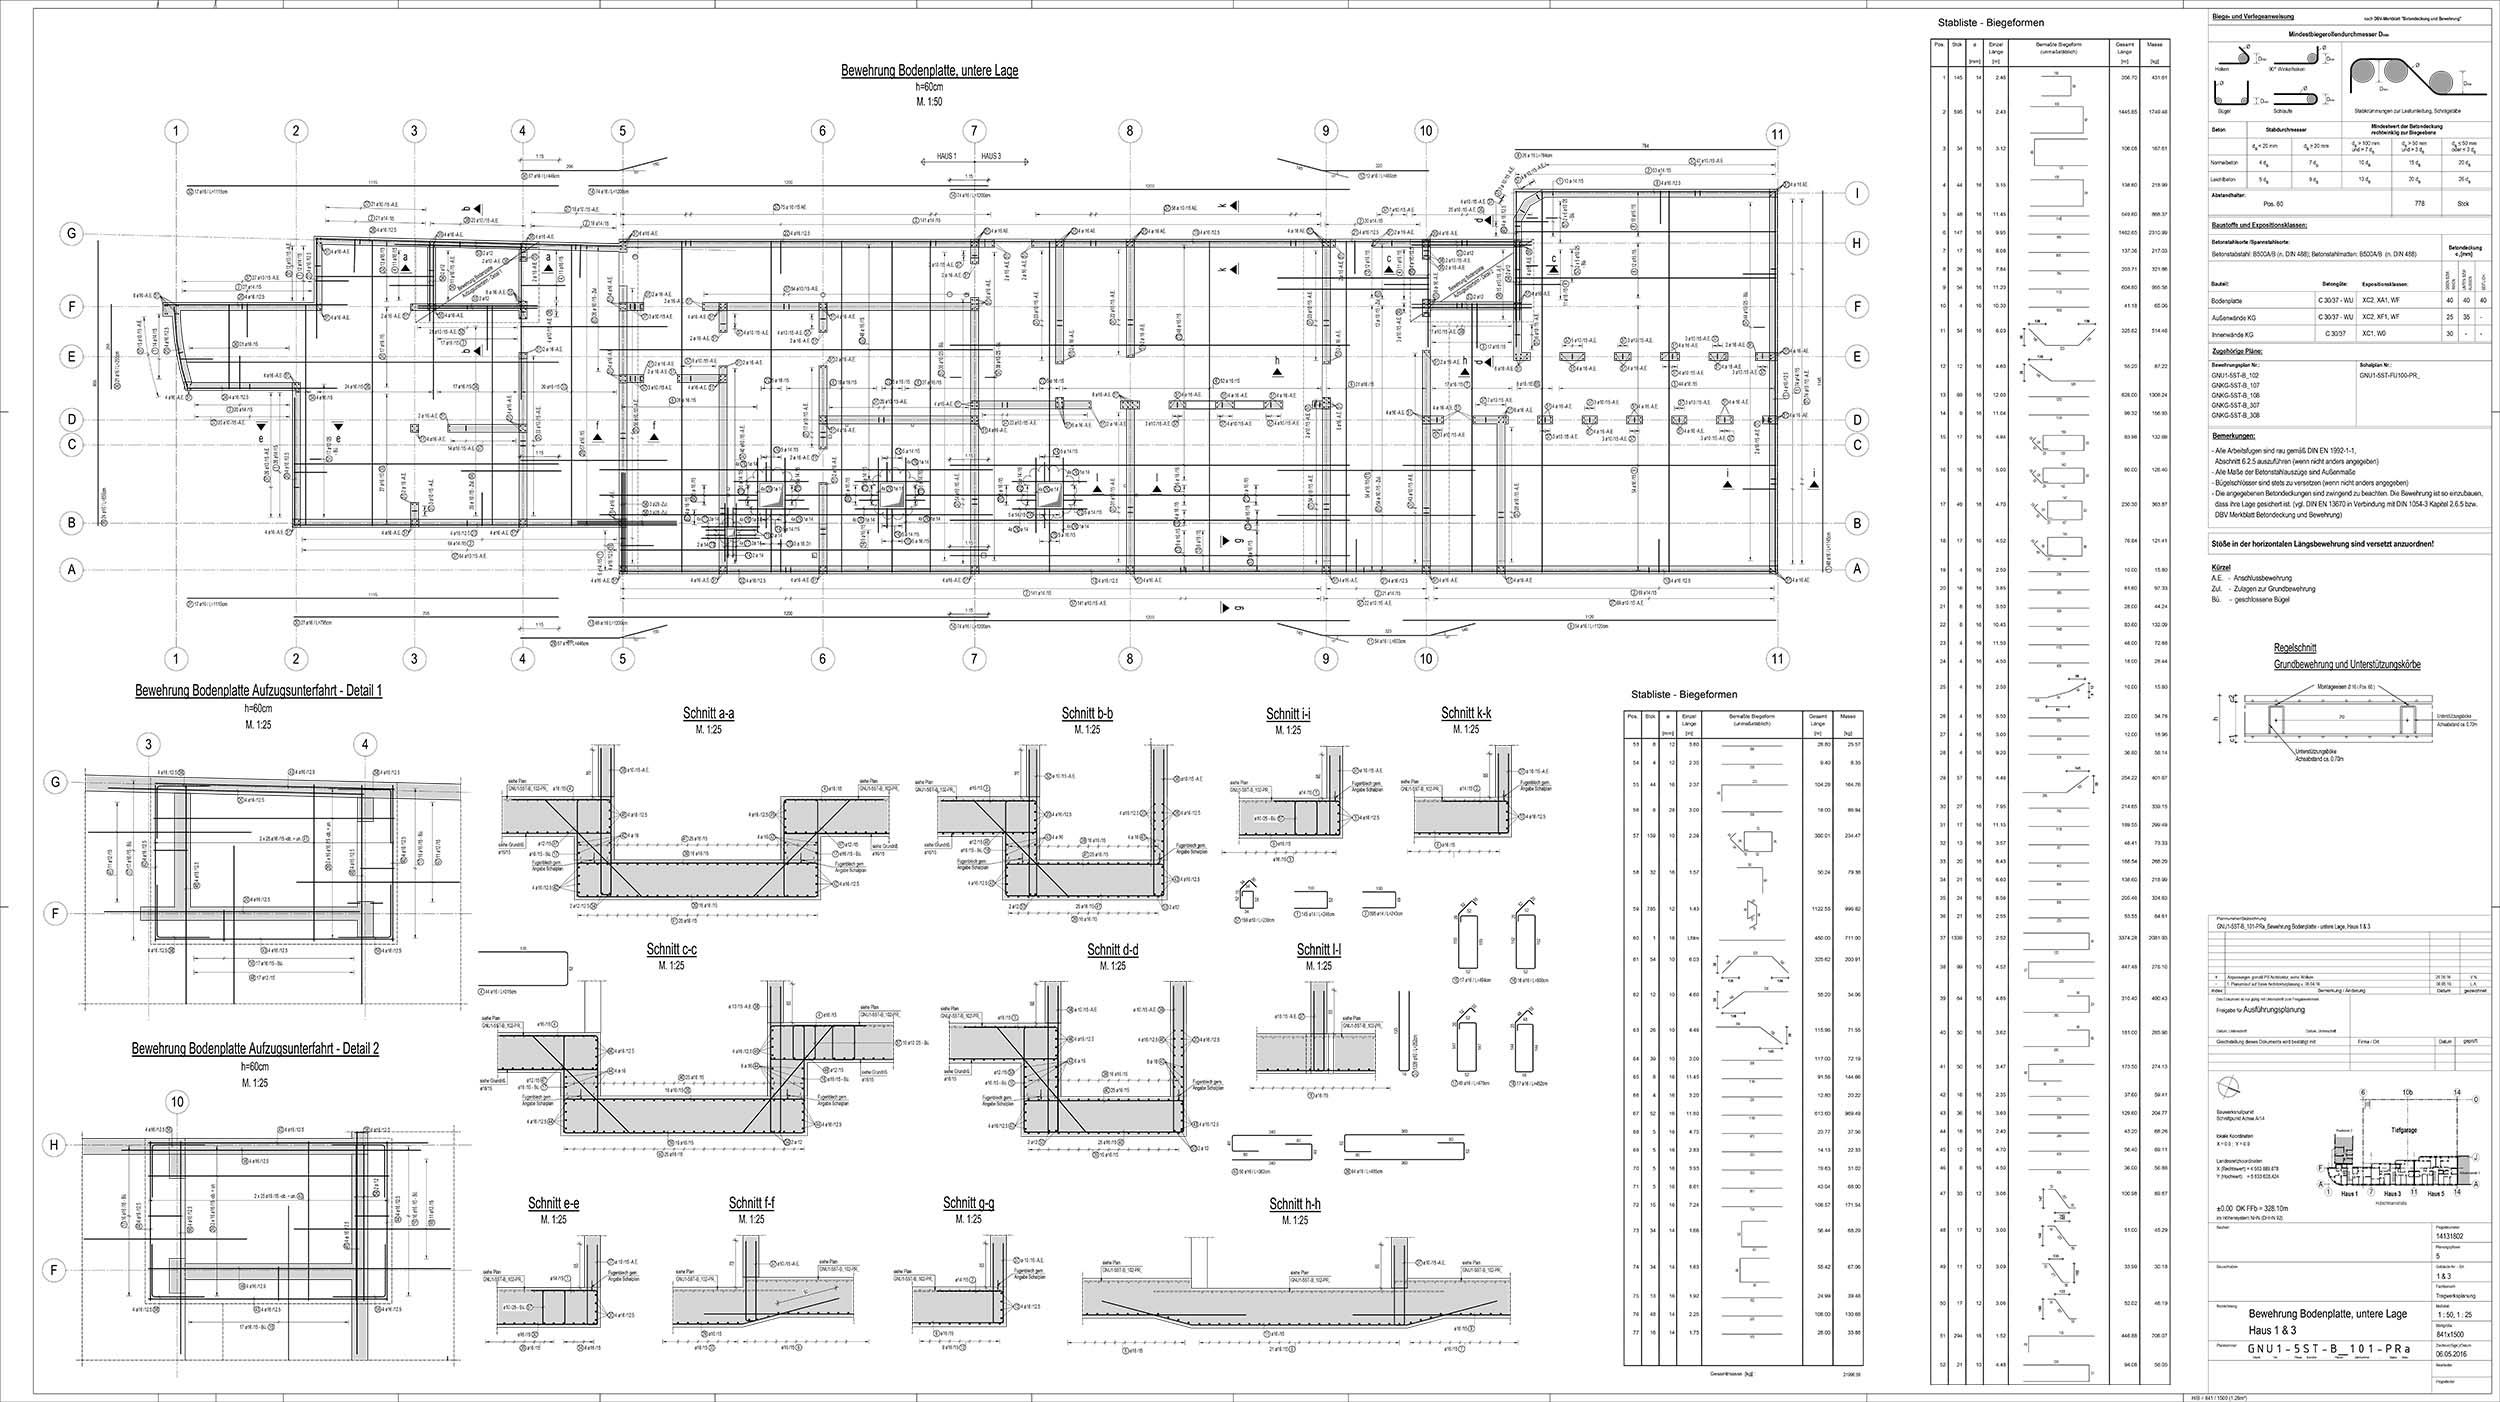 rebar detailing plan